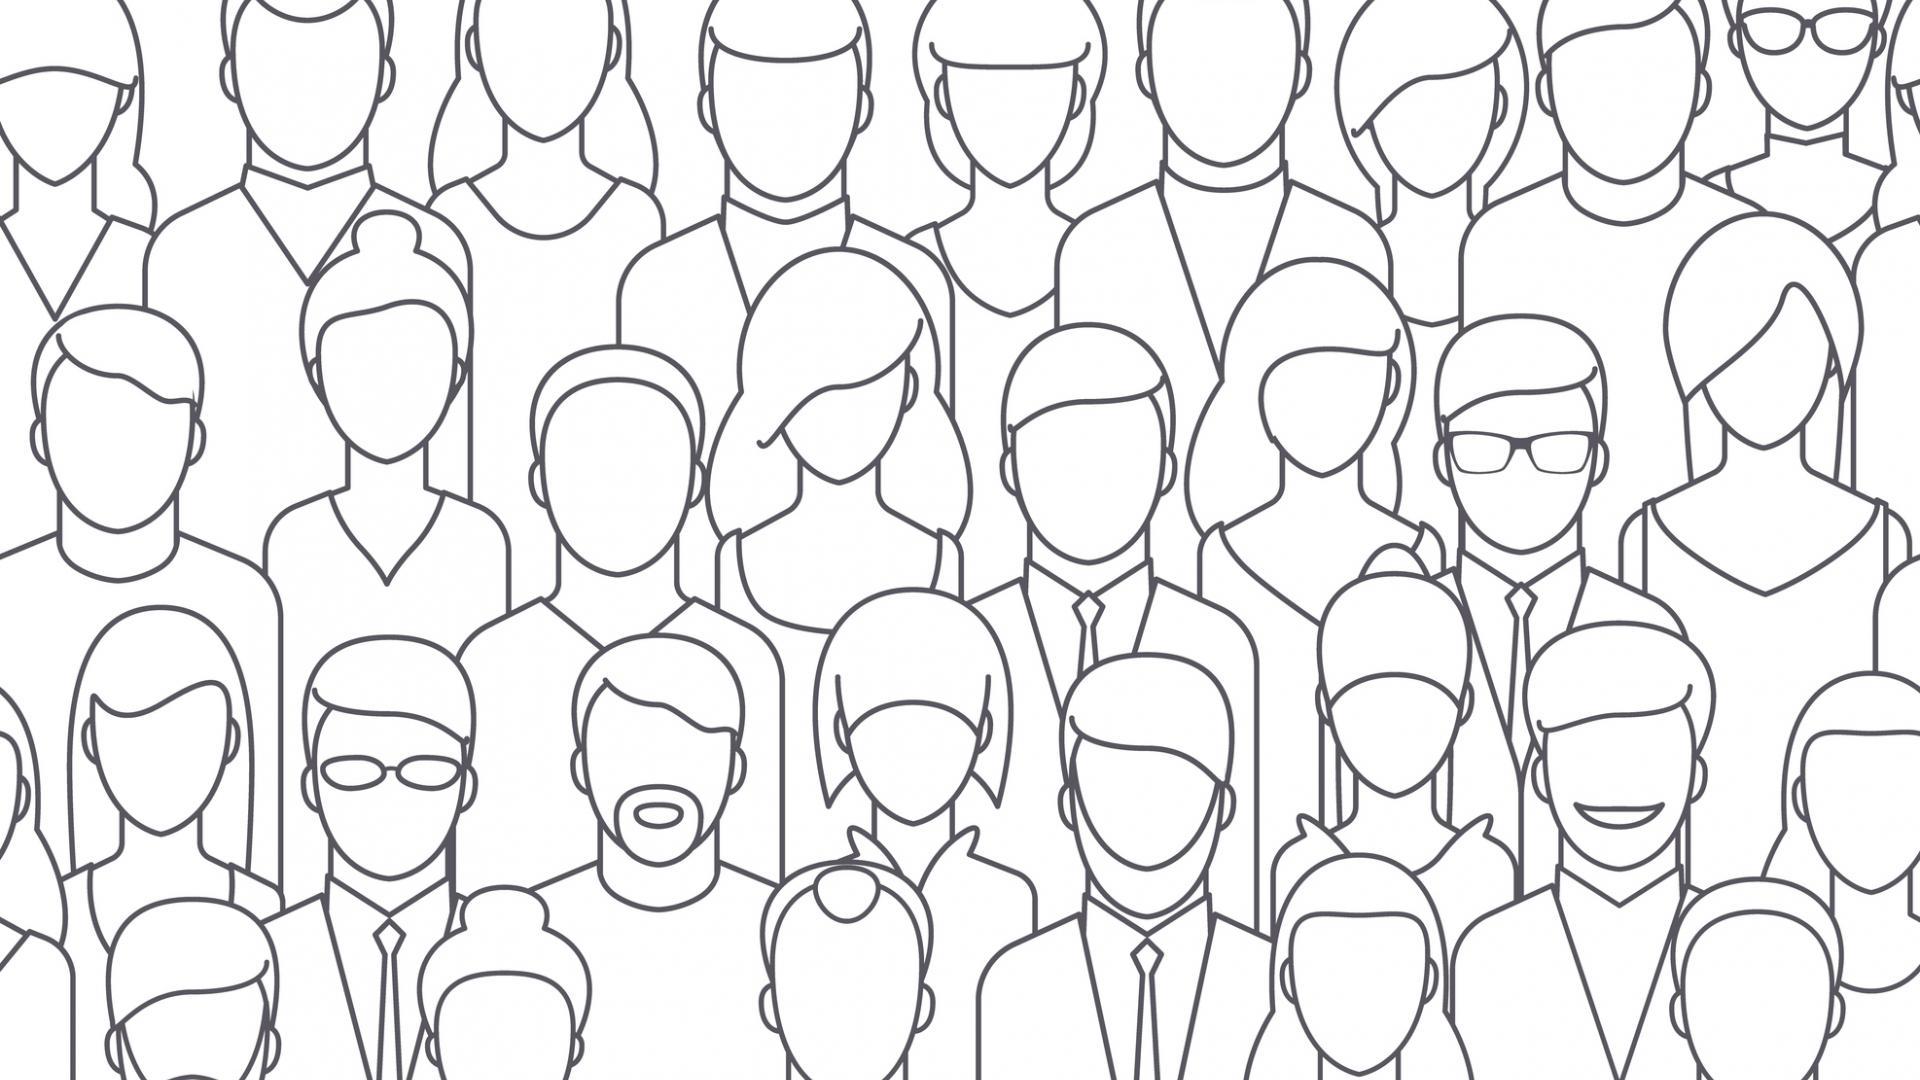 grobe Skizze von einer großen Masse an Menschen in schwarz-weiß